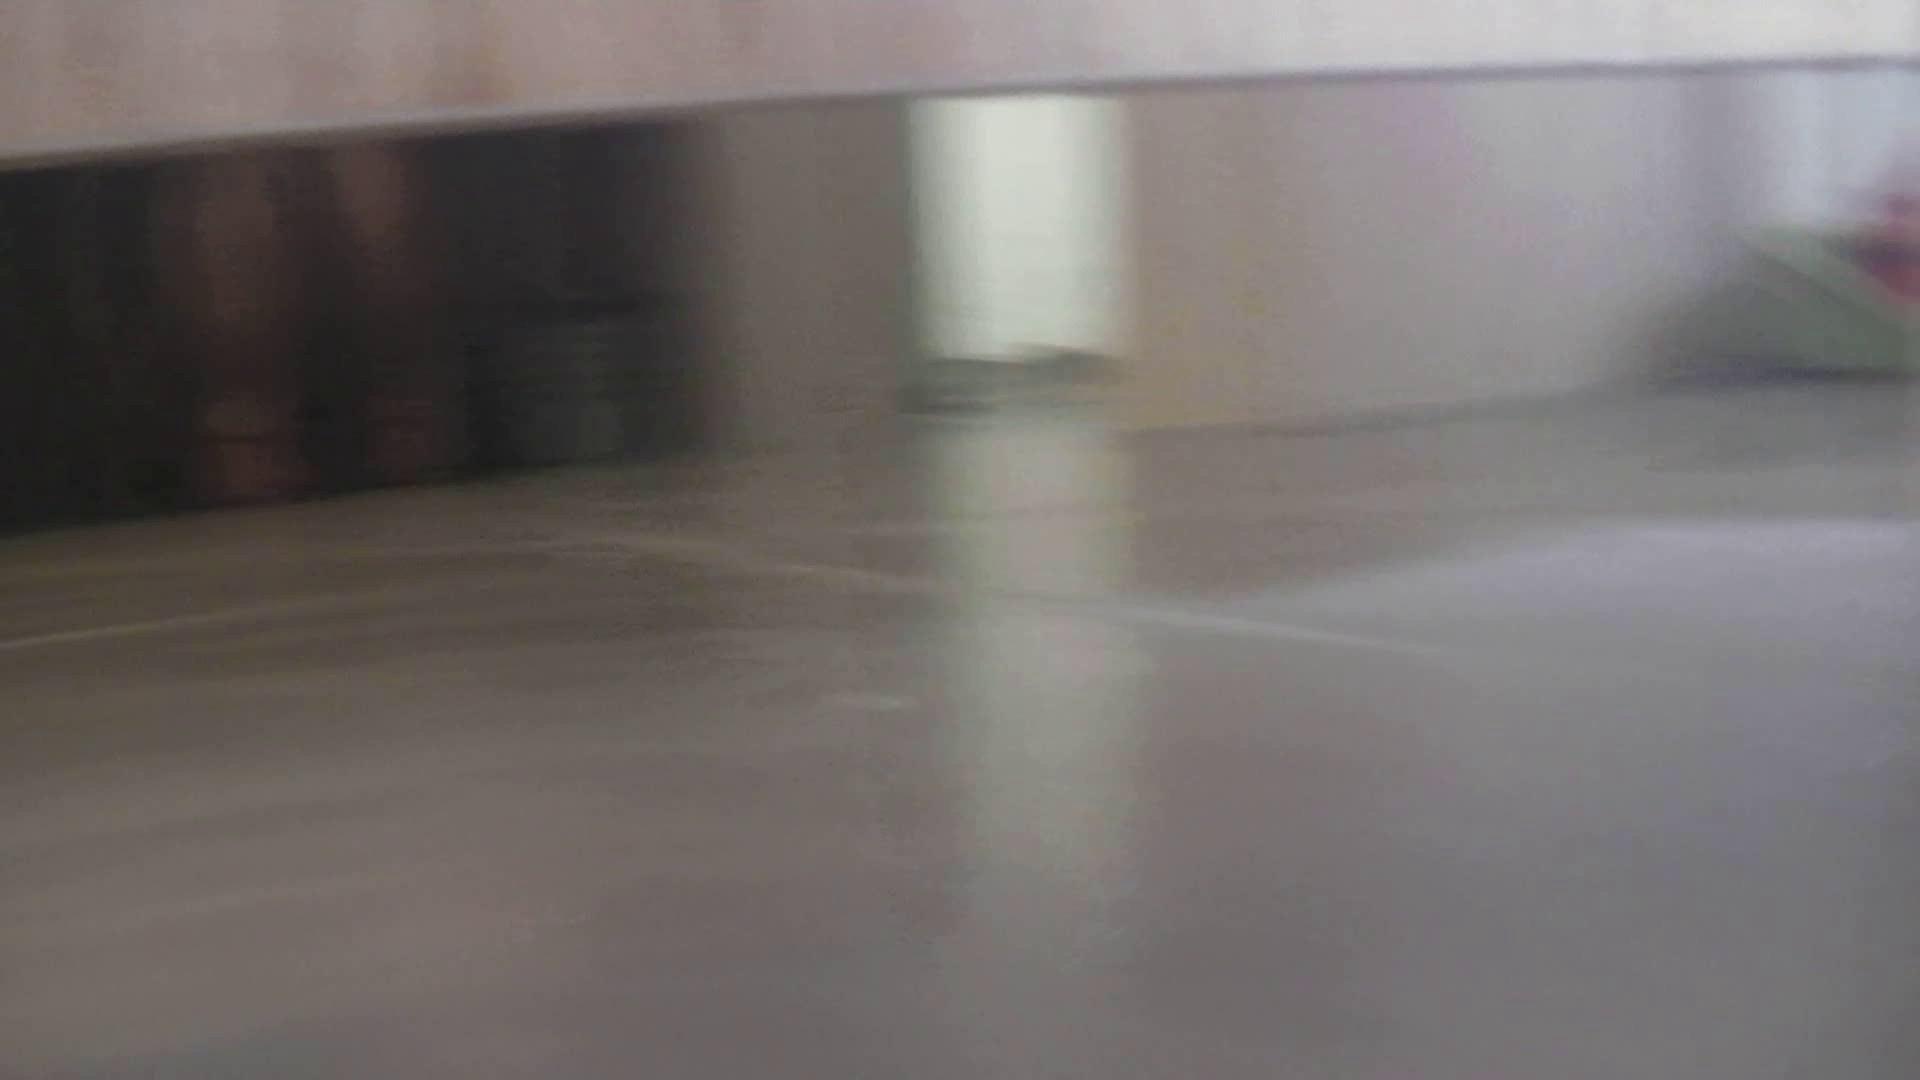 阿国ちゃんの「和式洋式七変化」No.16 高画質 濡れ場動画紹介 102枚 26